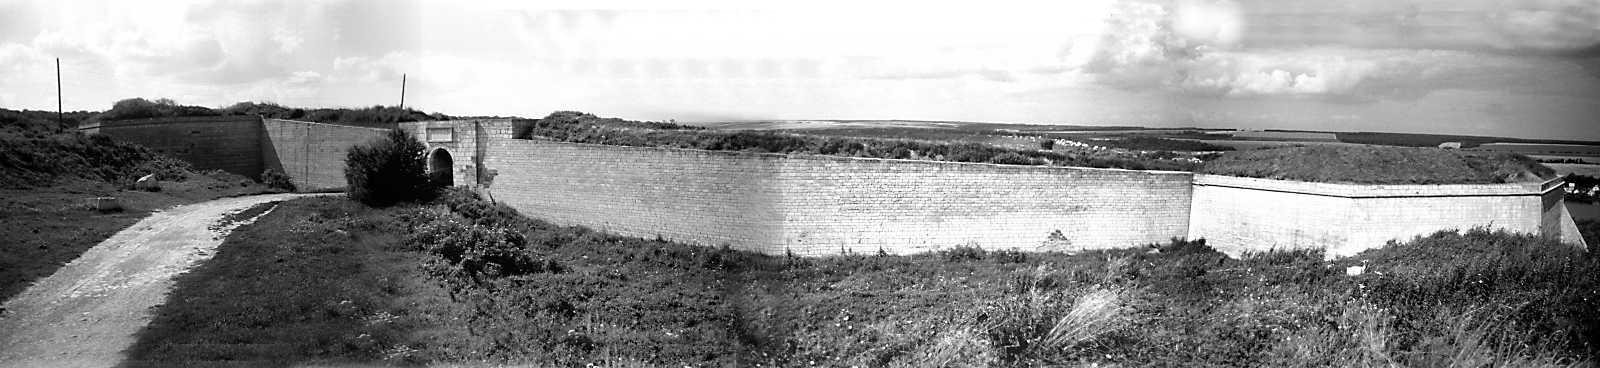 1991 р. Панорама південного фронту фортеці з півдня